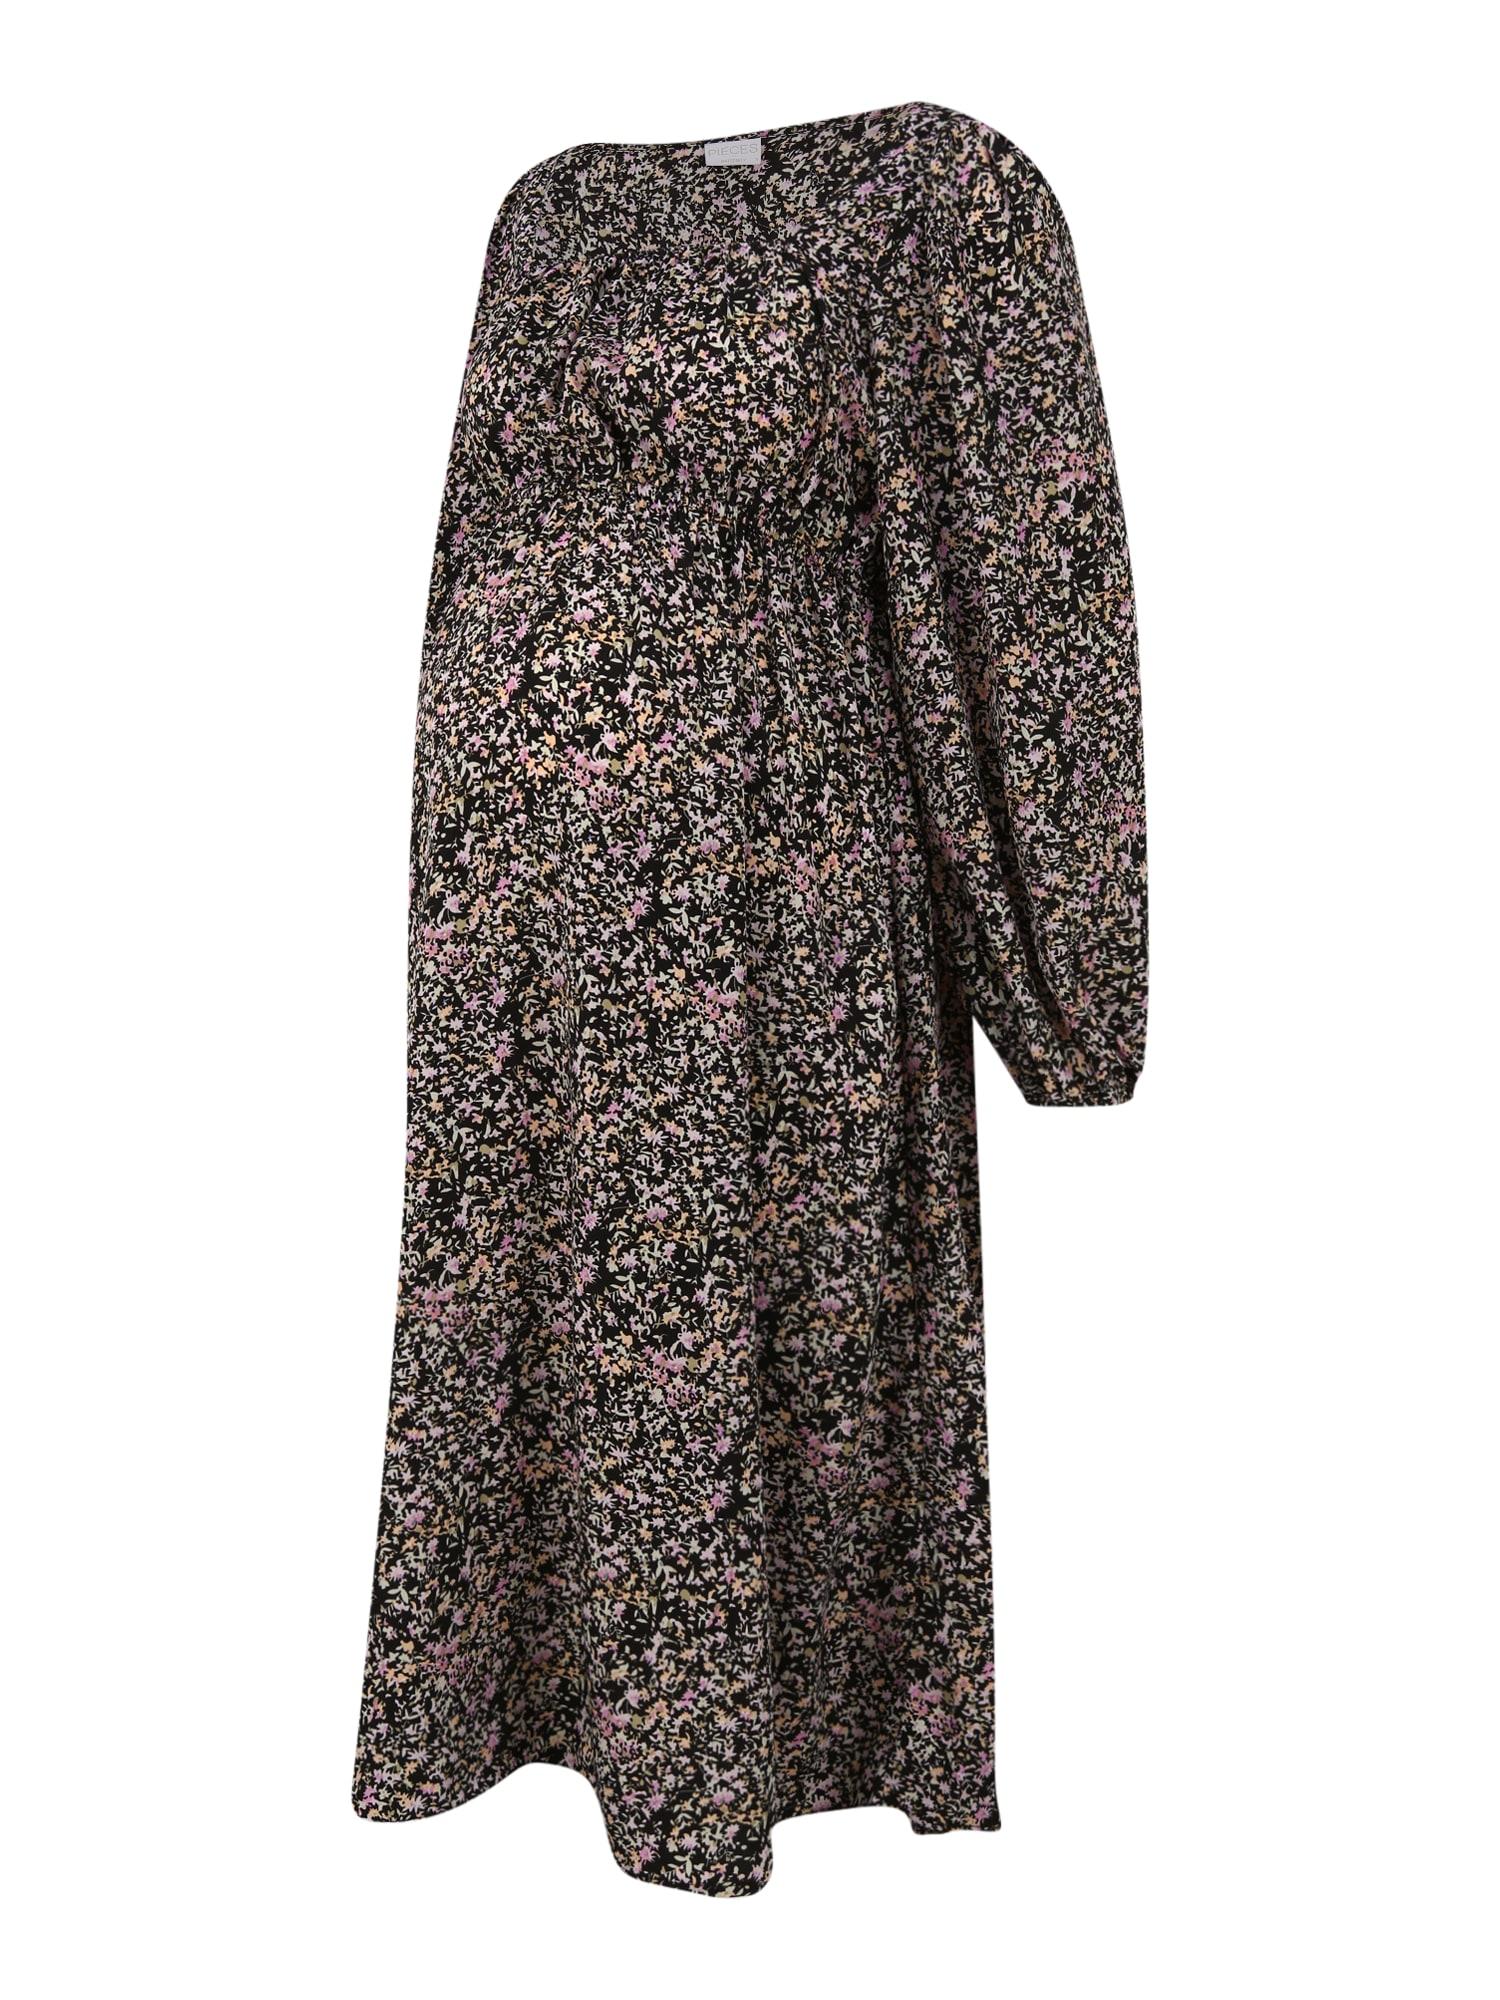 Pieces Maternity Suknelė juoda / pastelinė geltona / šviesiai rožinė